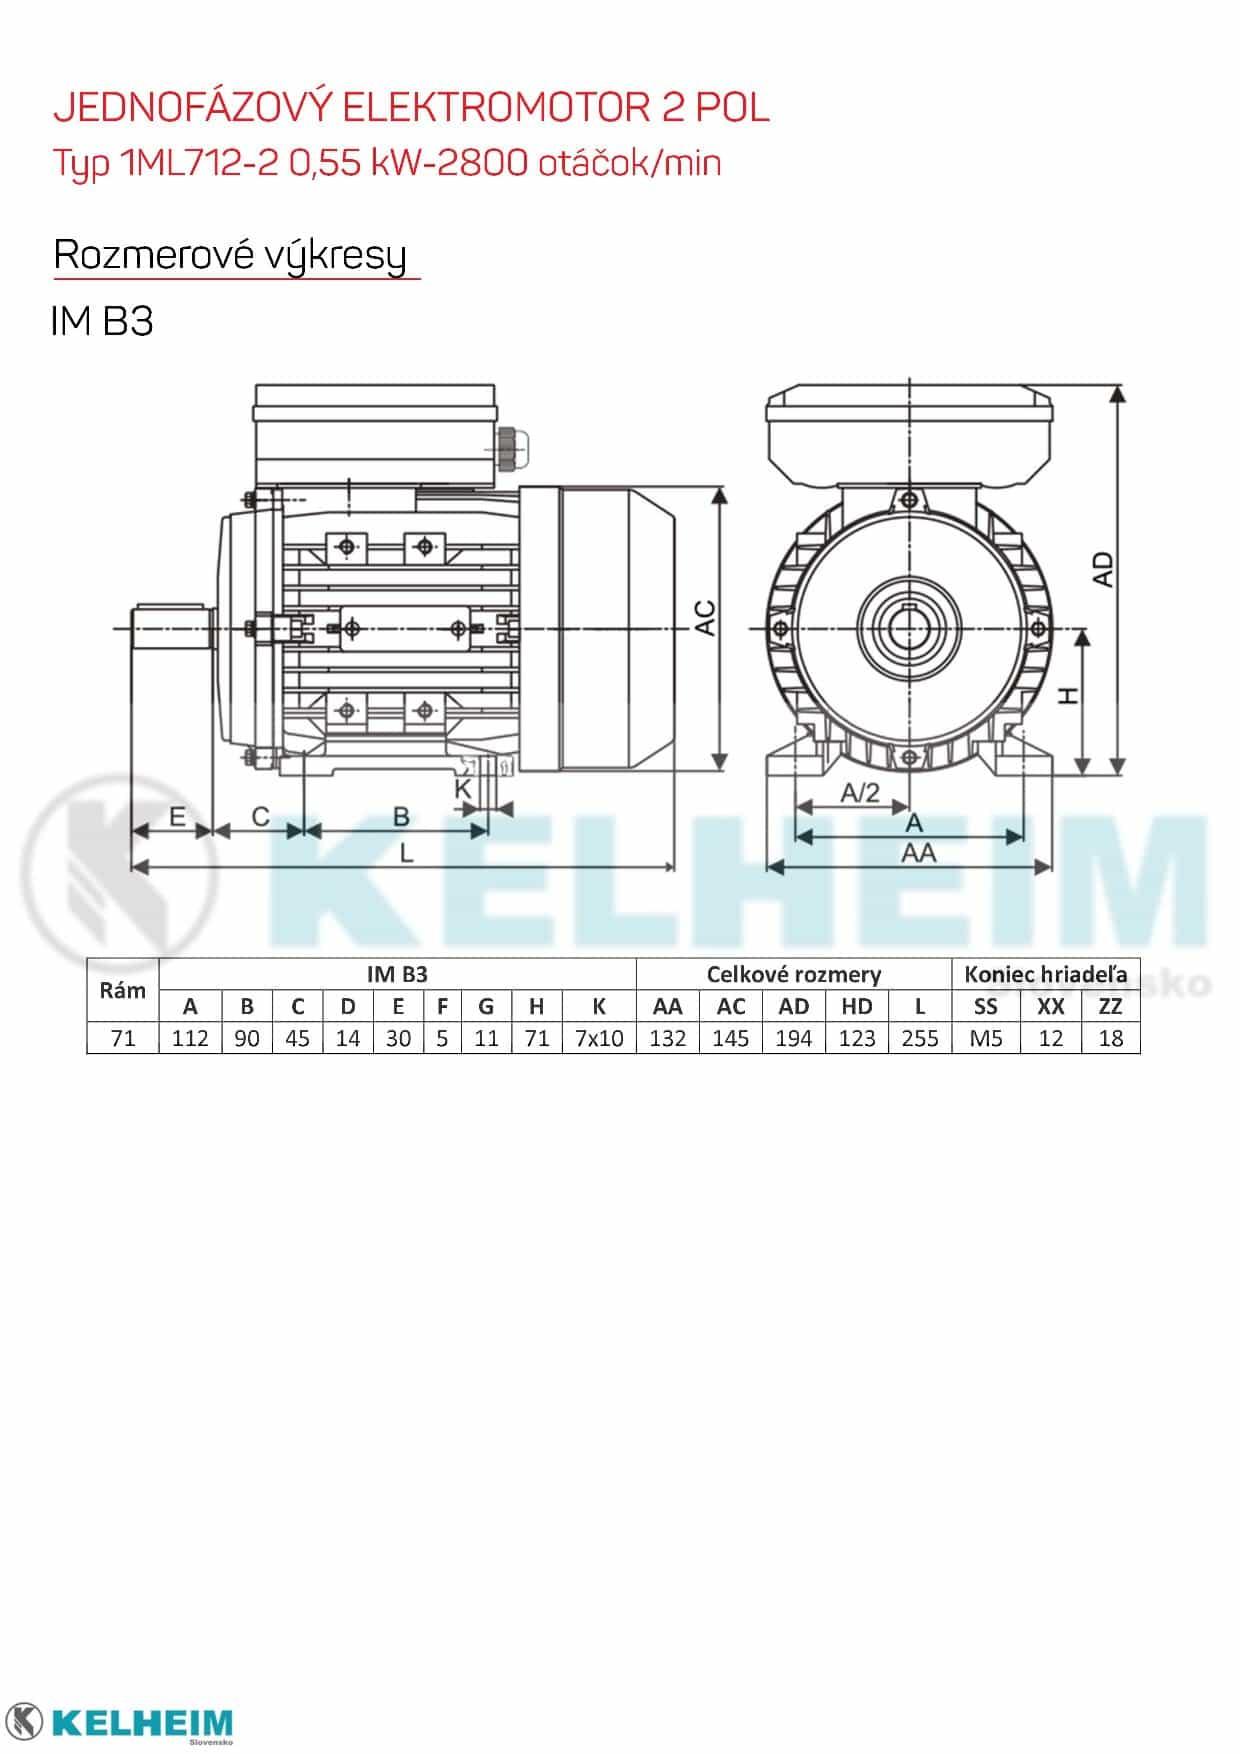 rozmerový výkres - jednofázový elektromotor 0,55kw ML712-2 B3